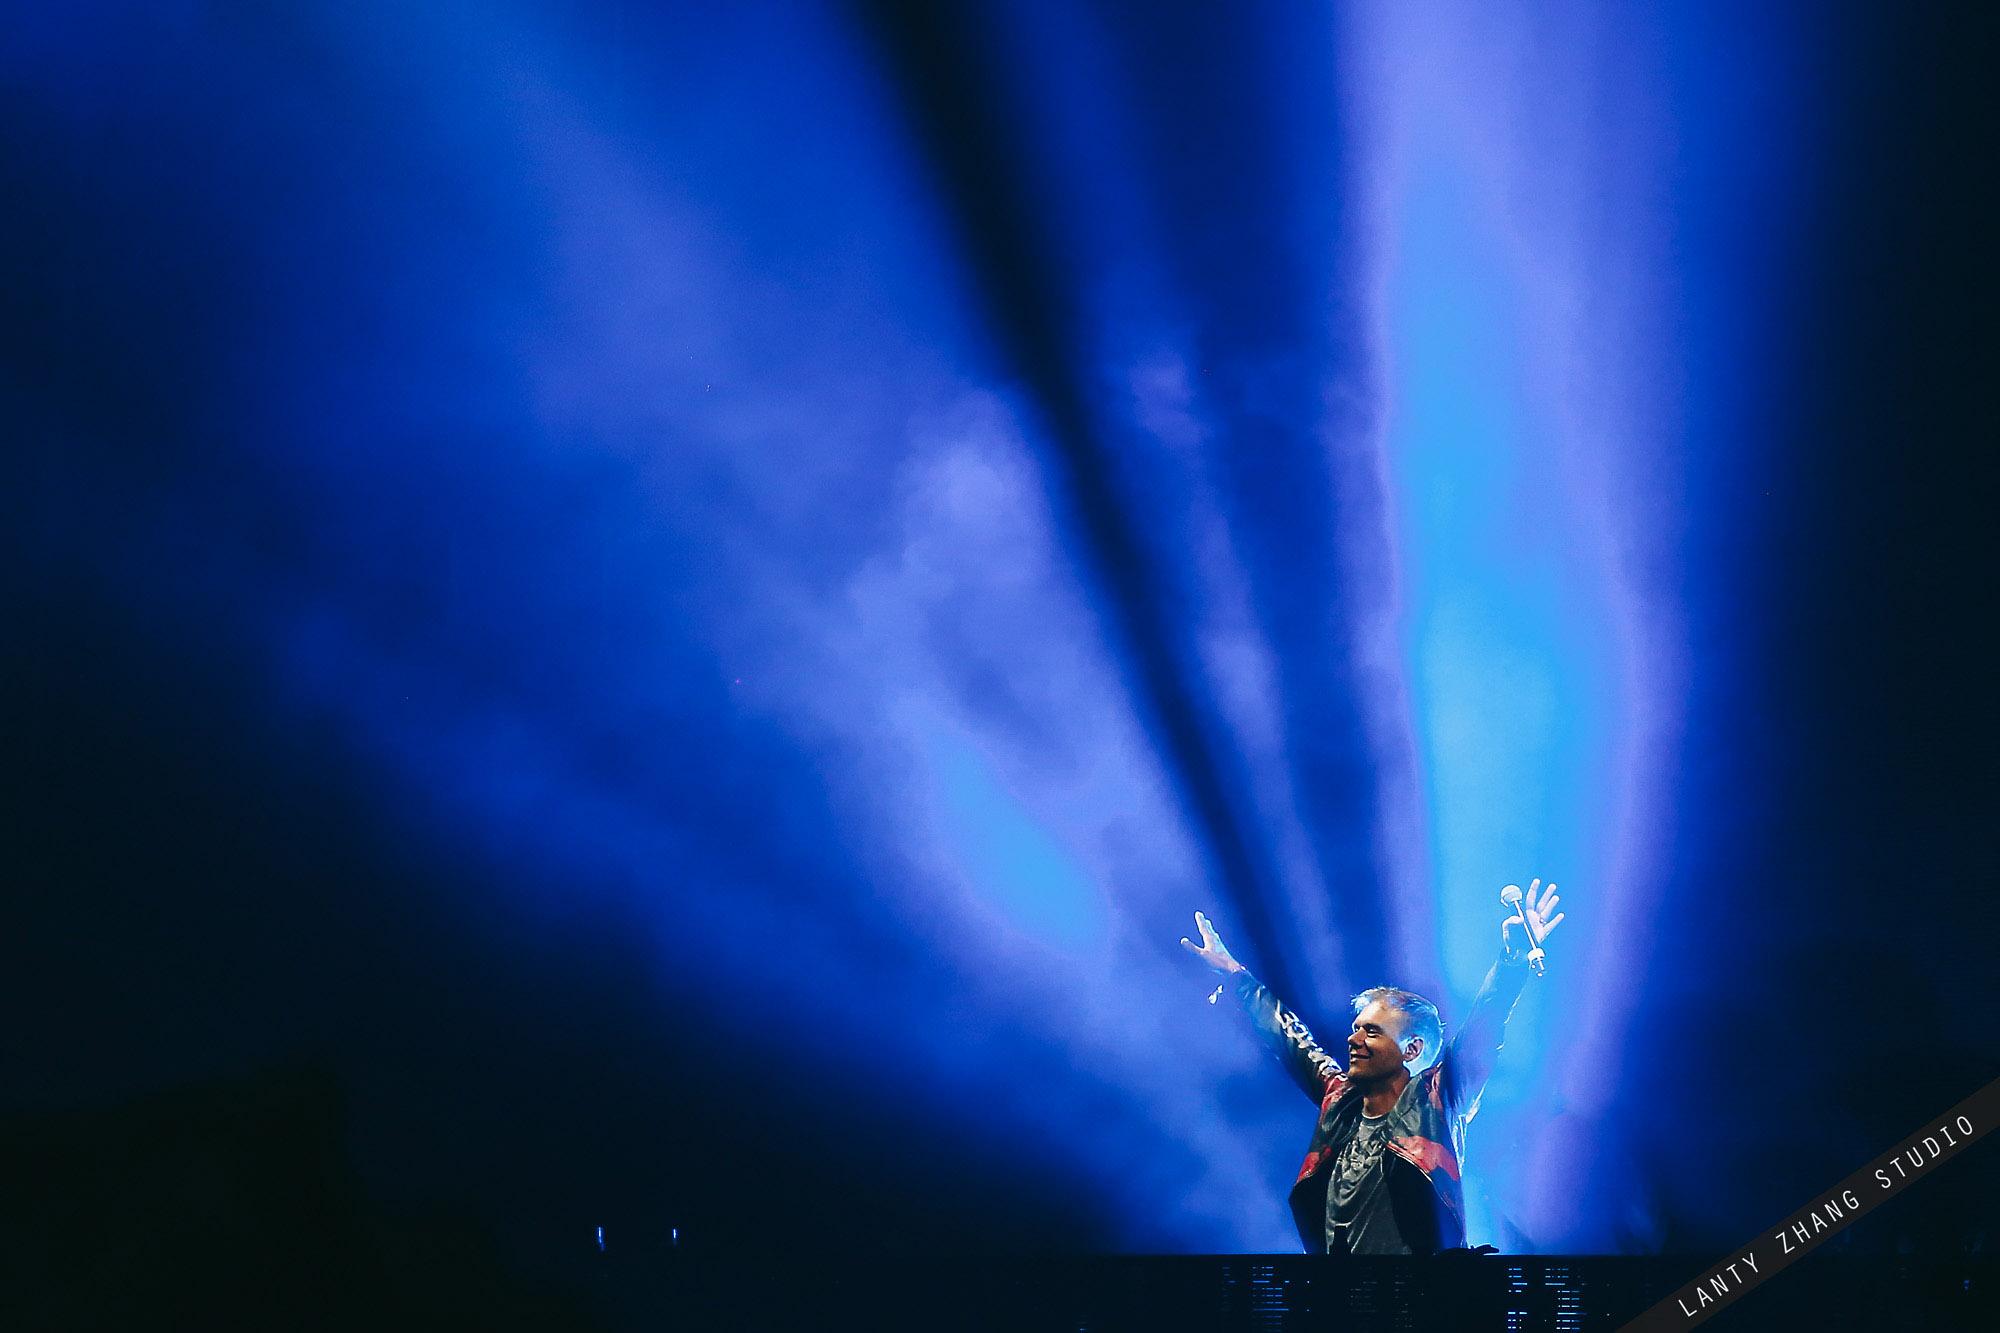 082-Armin